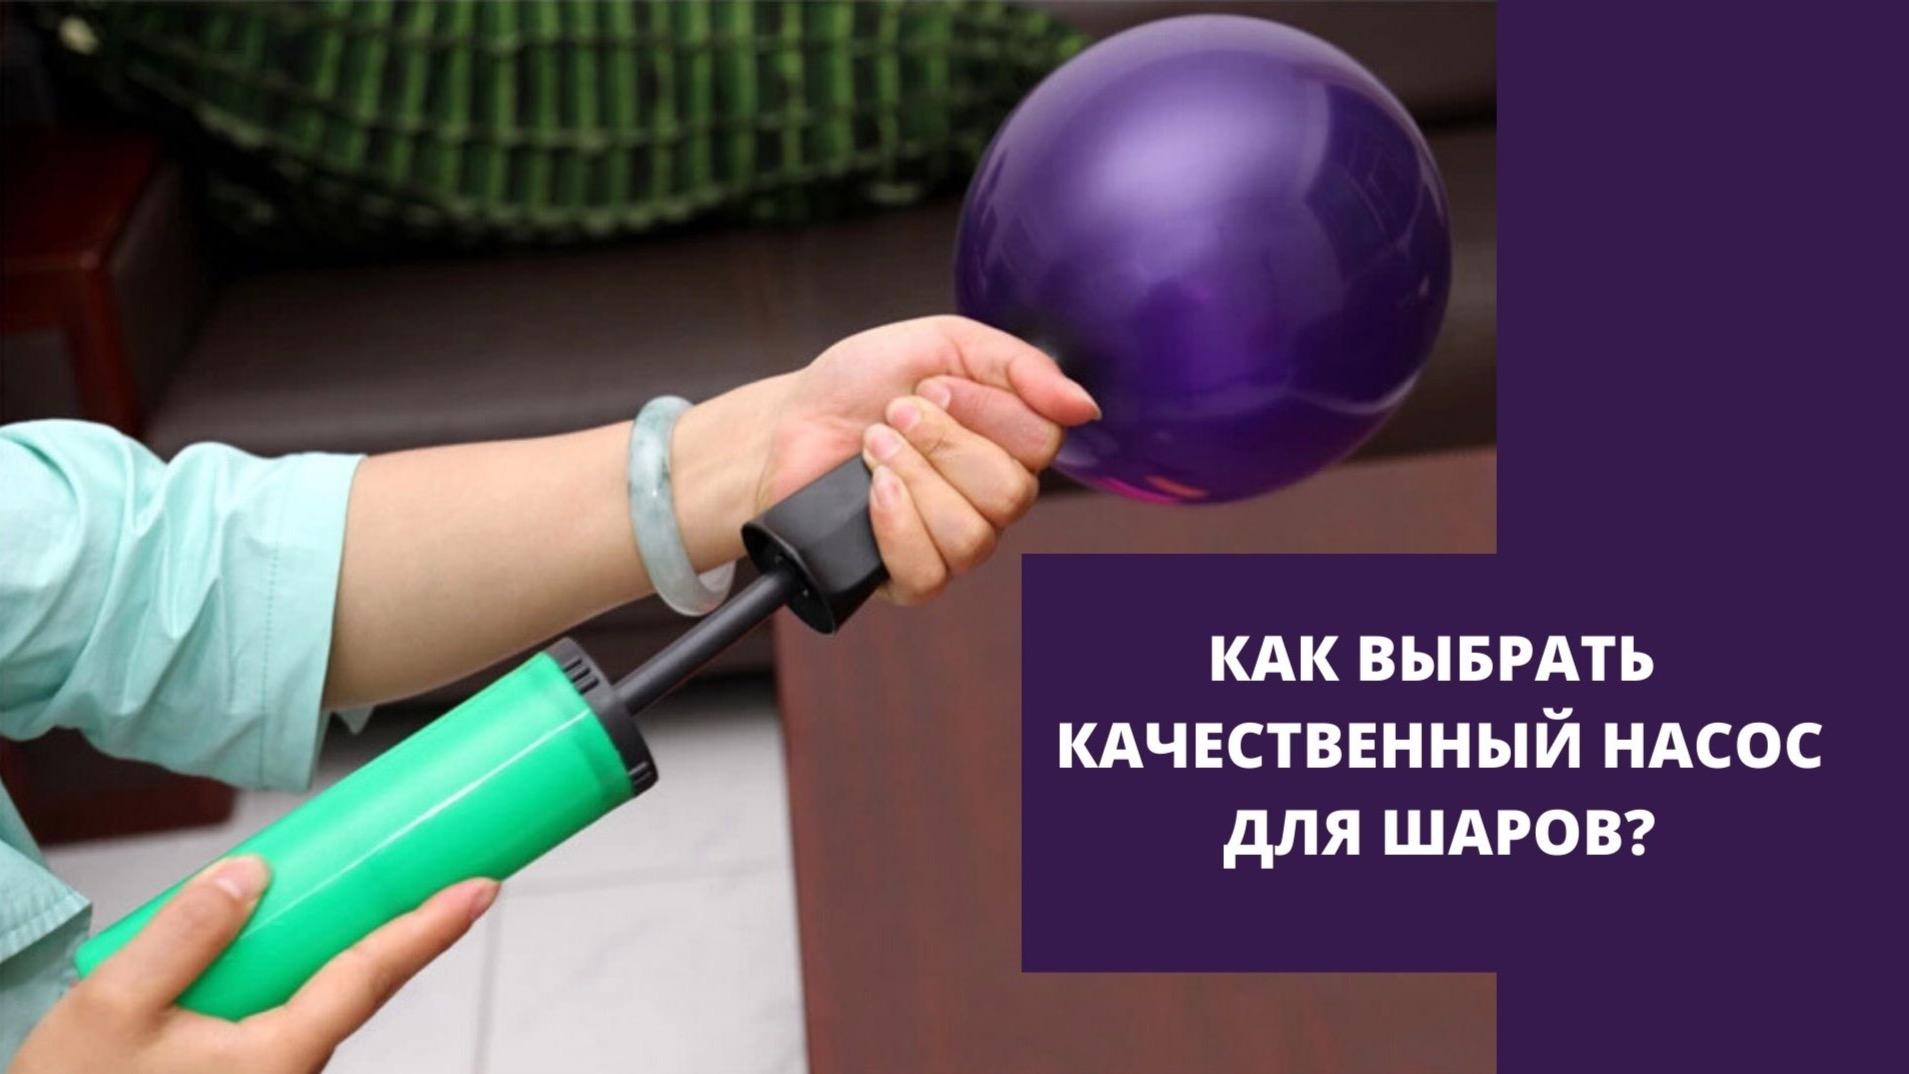 Как выбрать качественный насос для шариков?